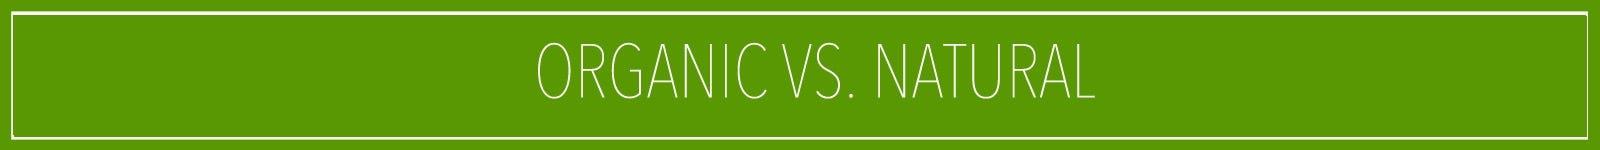 Organic Mattress Vs. A Natural Mattress